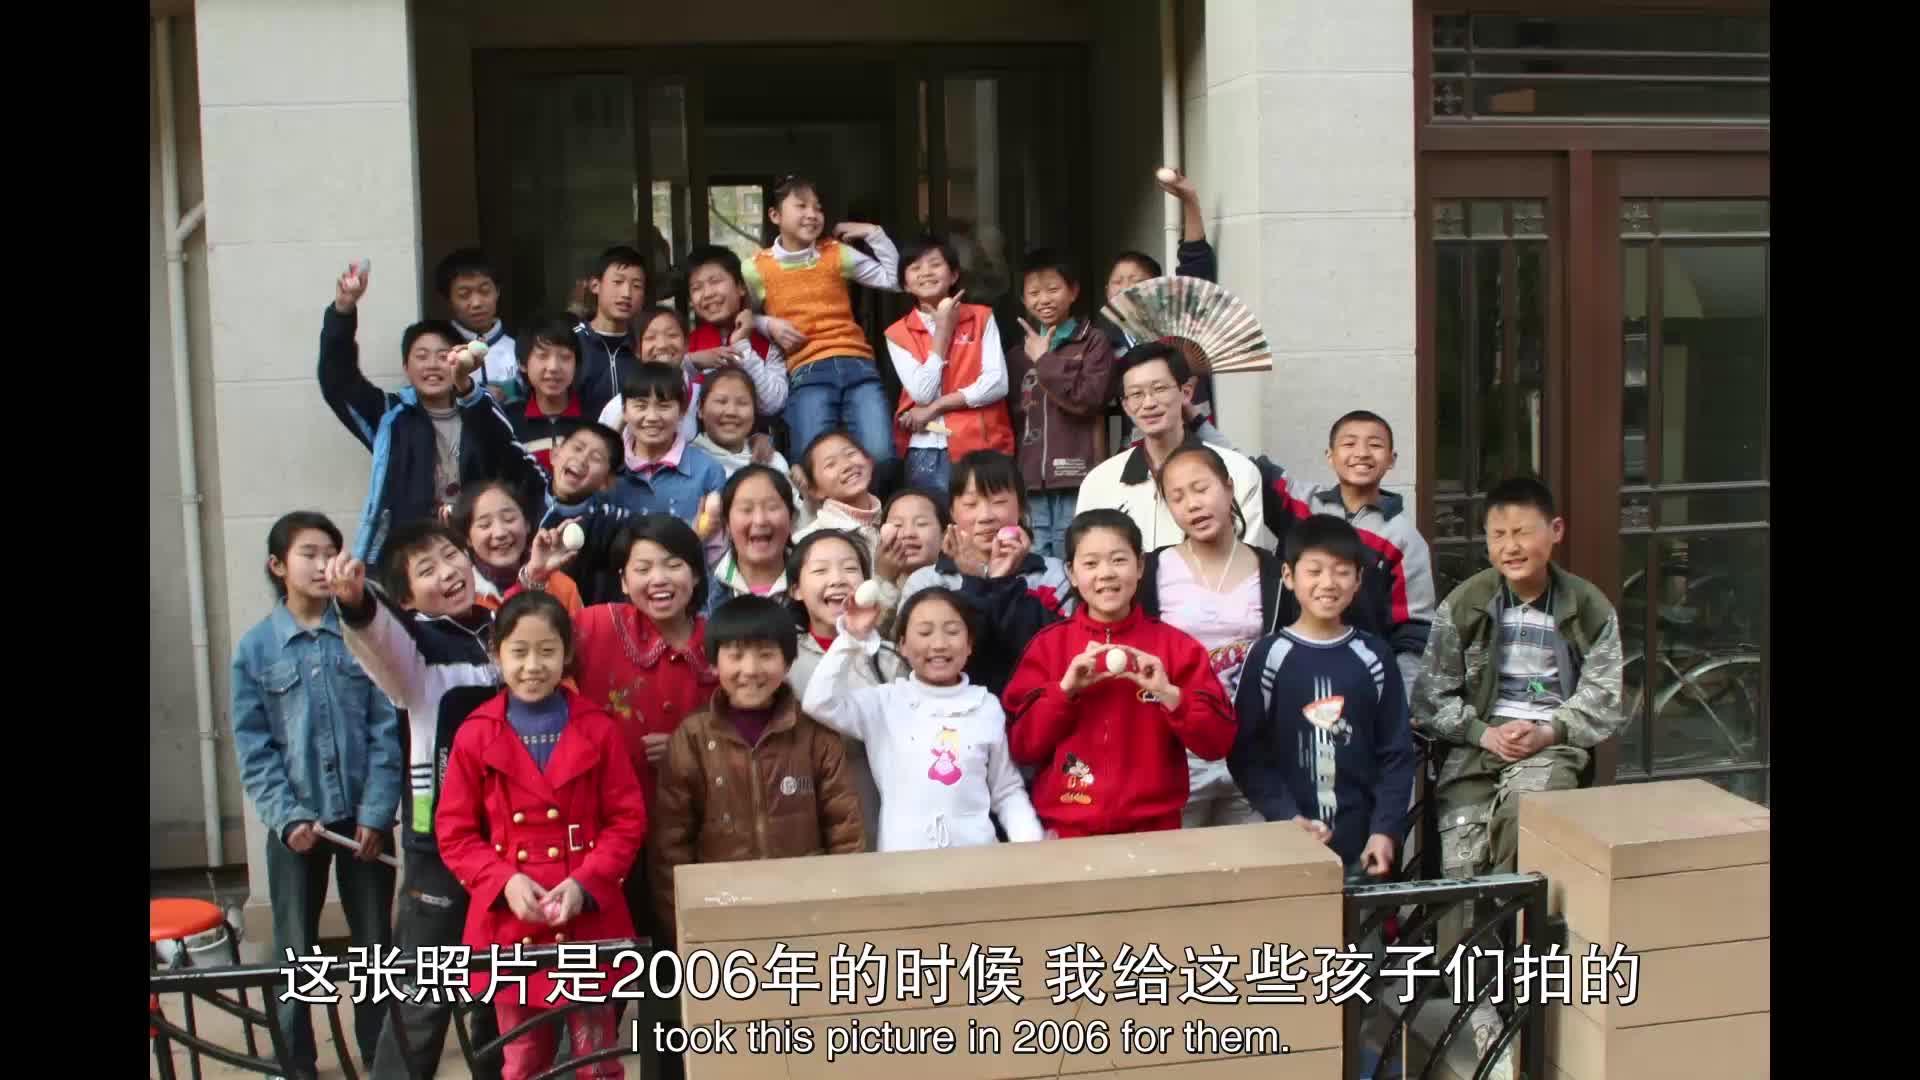 【CC讲坛-公益】张轶超:打碎阶层壁垒的新教育